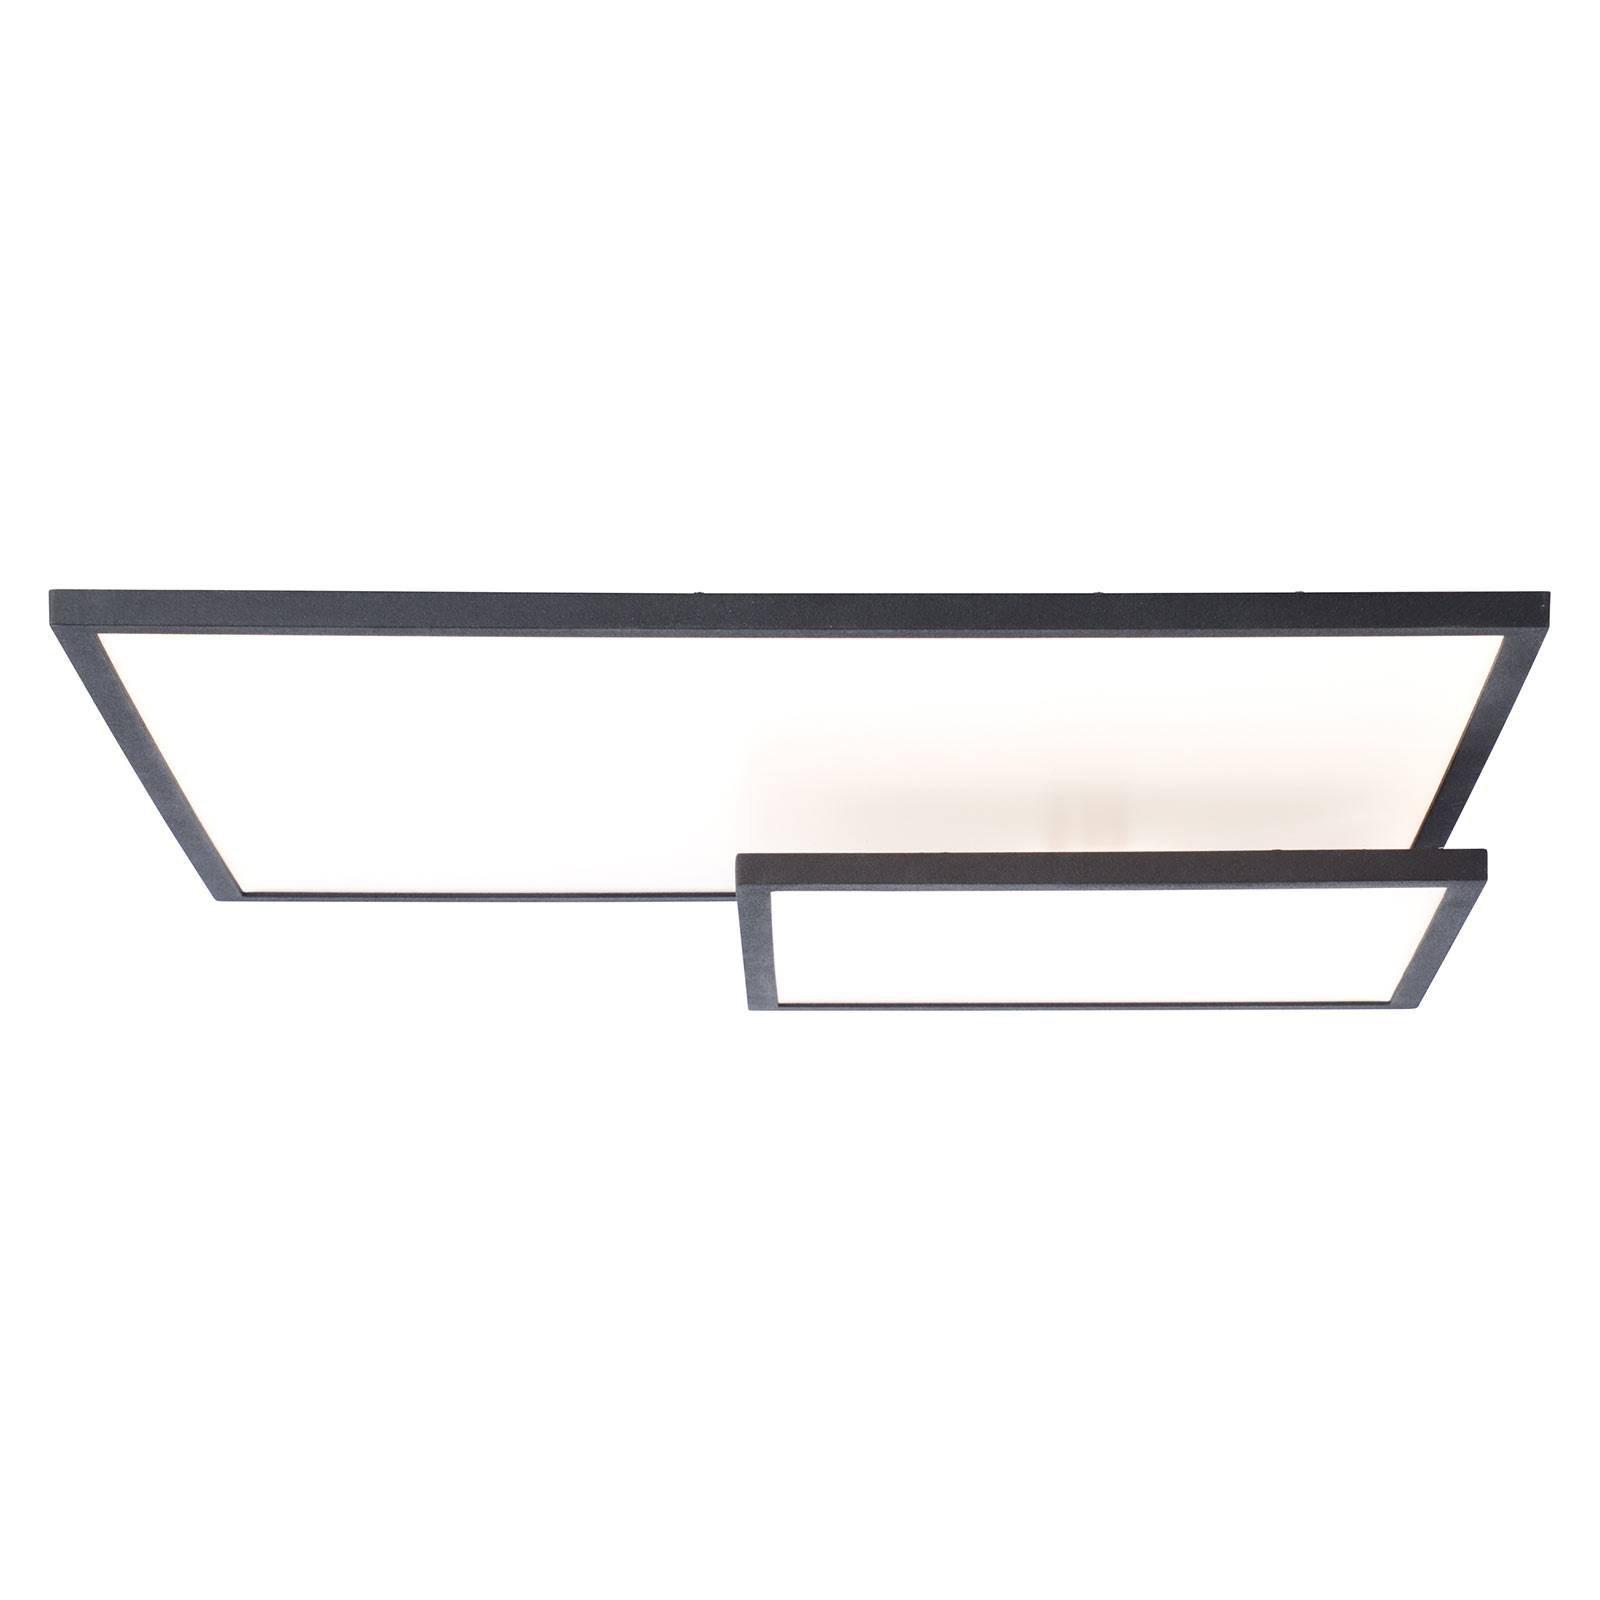 LED-taklampe Bility, 62 cm lang, svart ramme